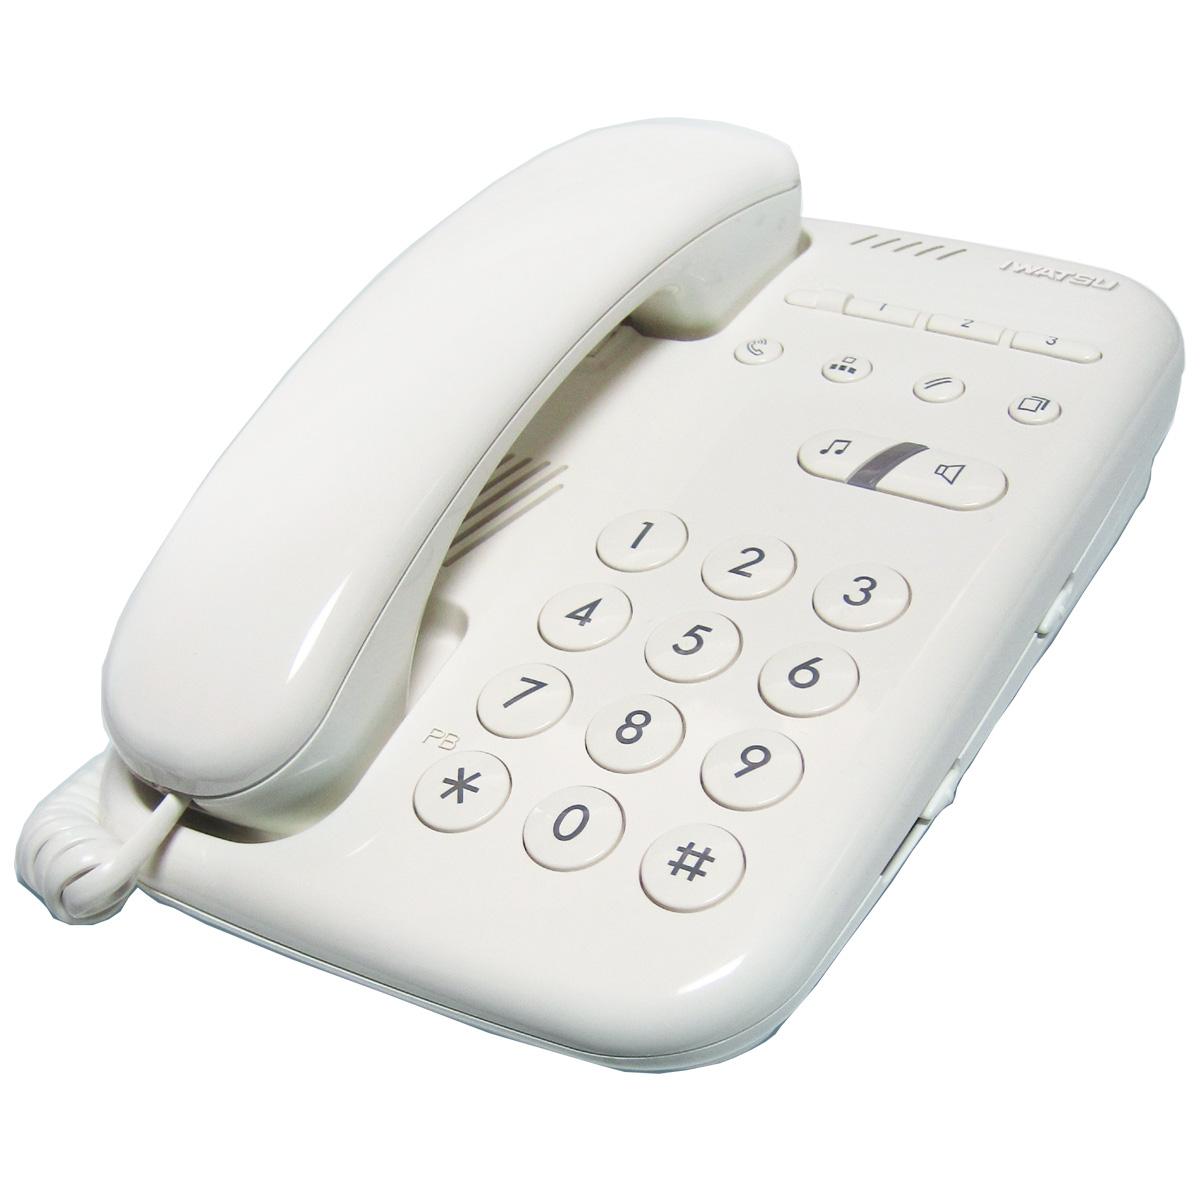 岩崎通信機 アナログ電話機(単独電話機) IW-01W